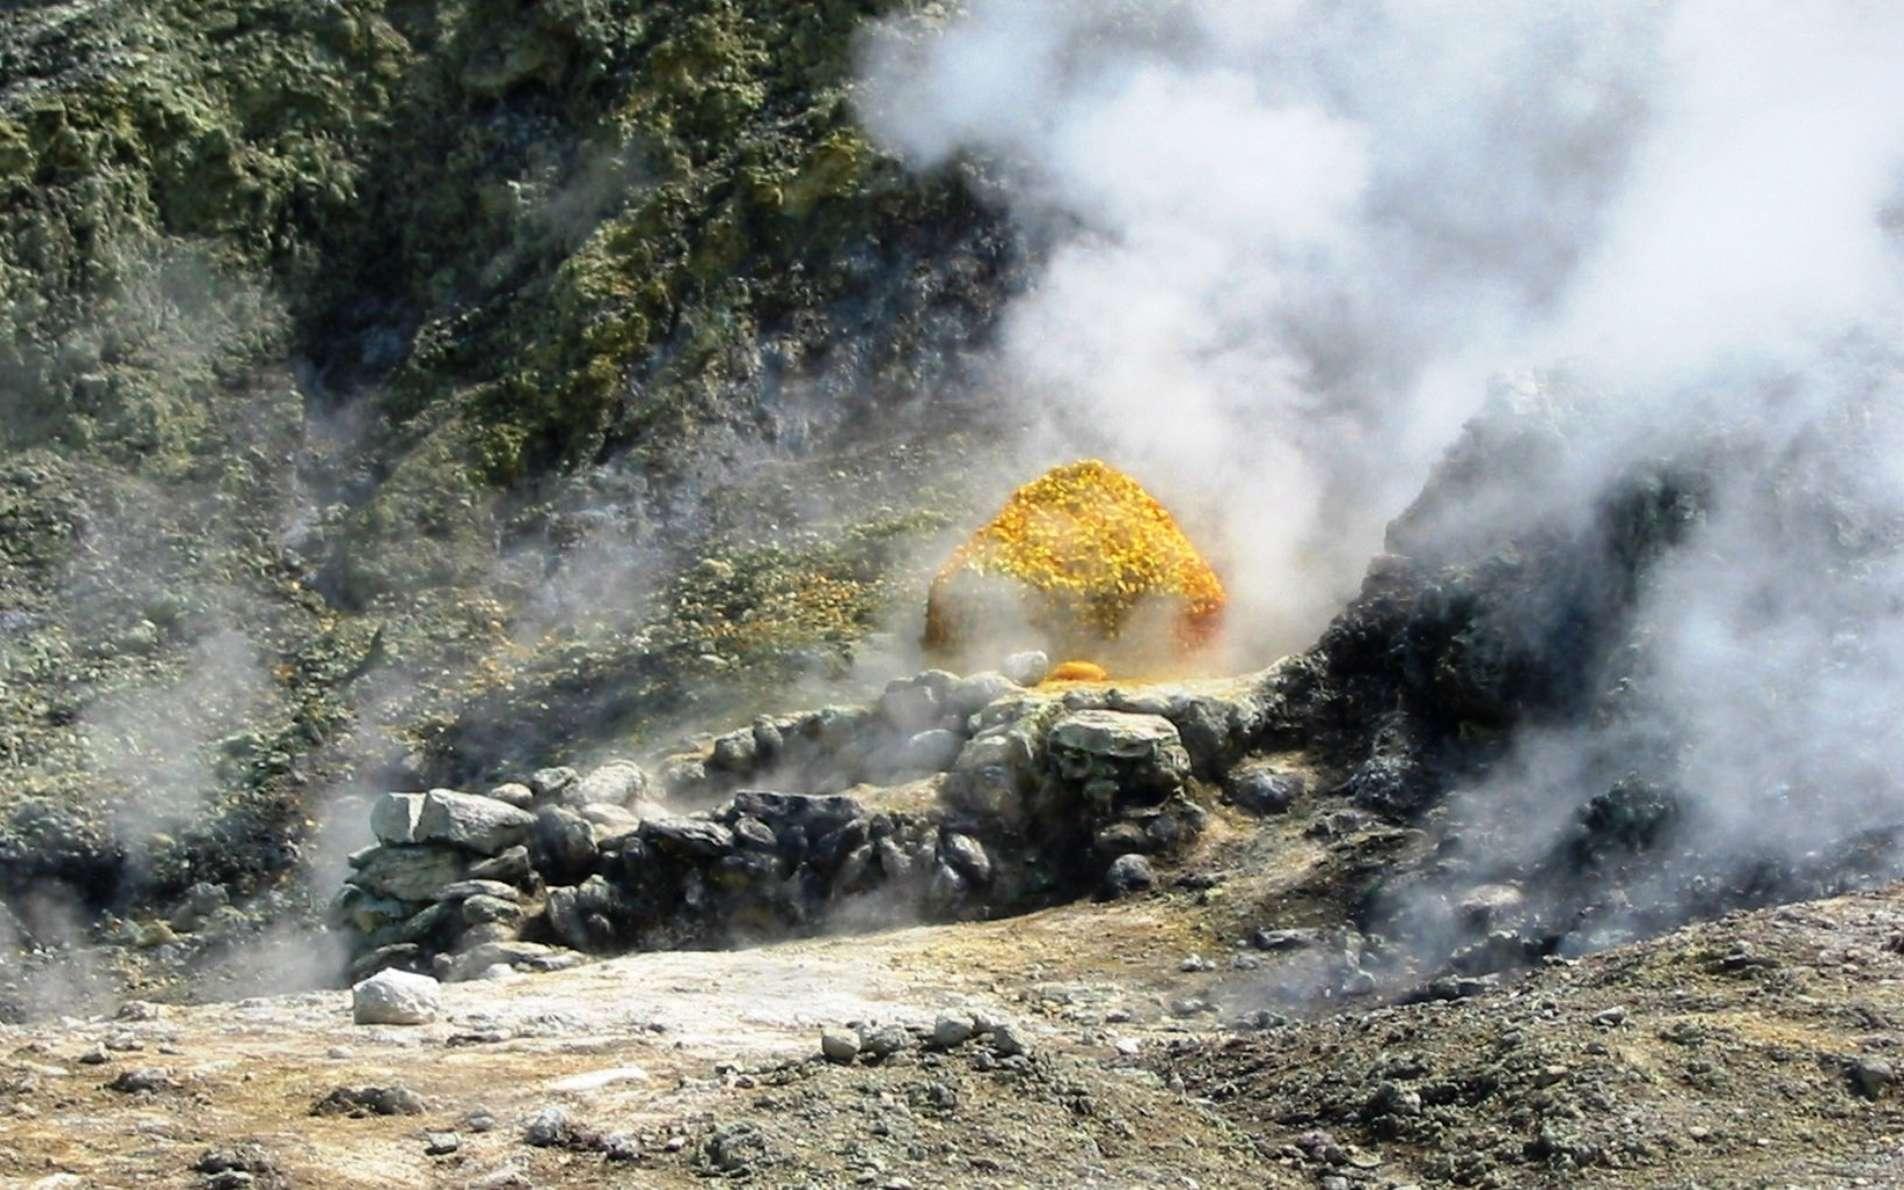 De nombreux phénomènes hydrothermaux, comme la présence de fumerolles et de sources chaudes, traduisent l'origine volcanique des champs phlégréens. © Donar Reiskoffer, Wikimedia common, CC by-sa 3.0